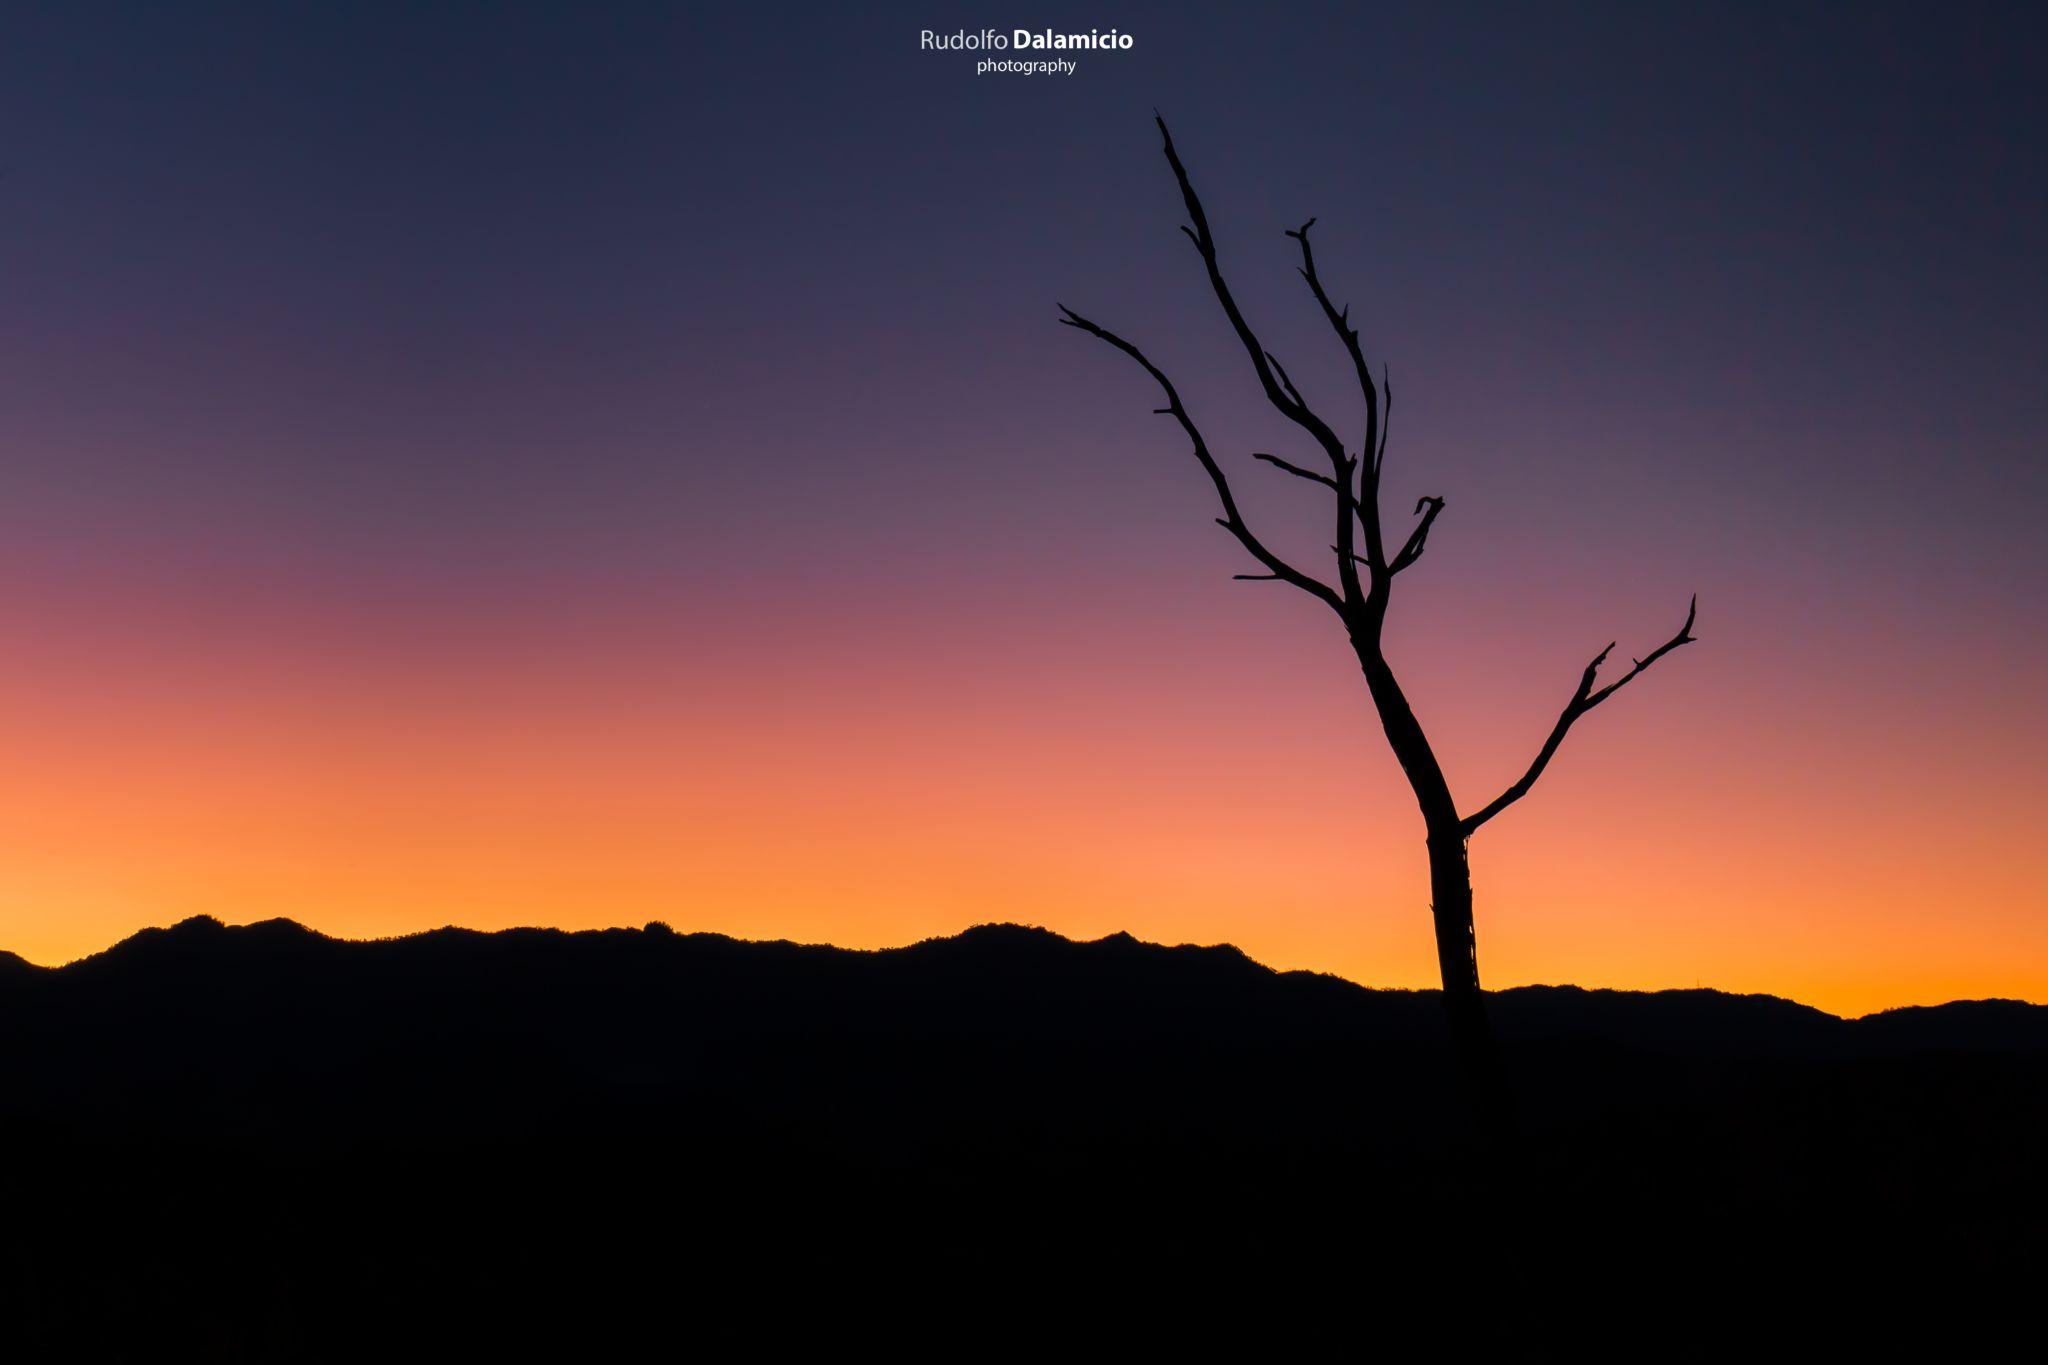 Dead Silhouette, Thailand